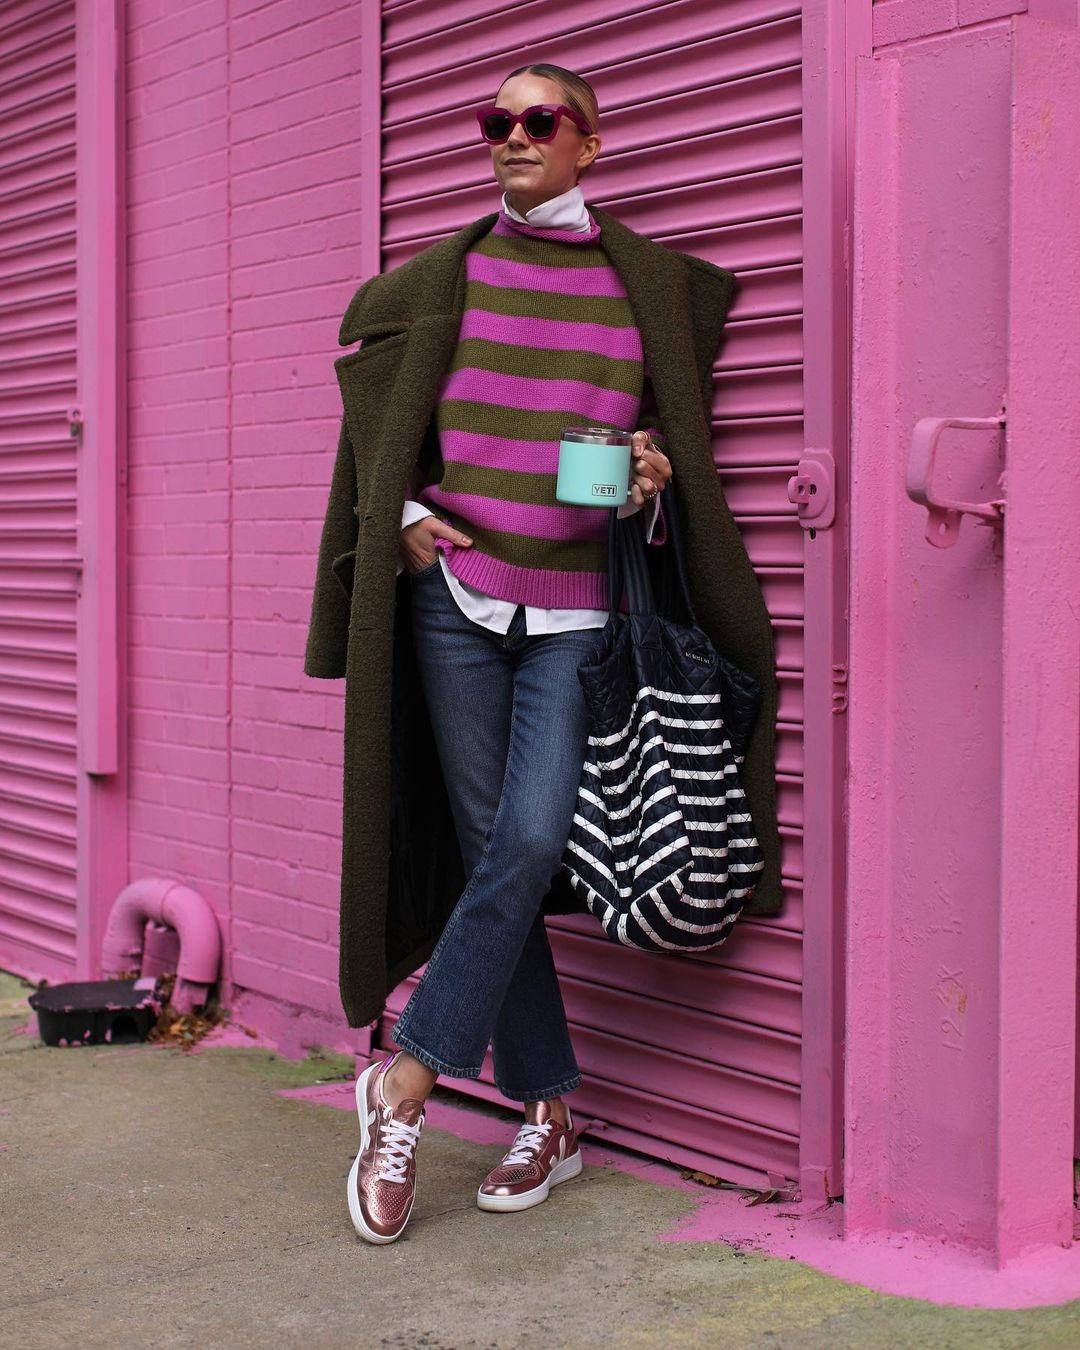 модный свитер осень зима 2021 2022 в полоску полосатый розовый